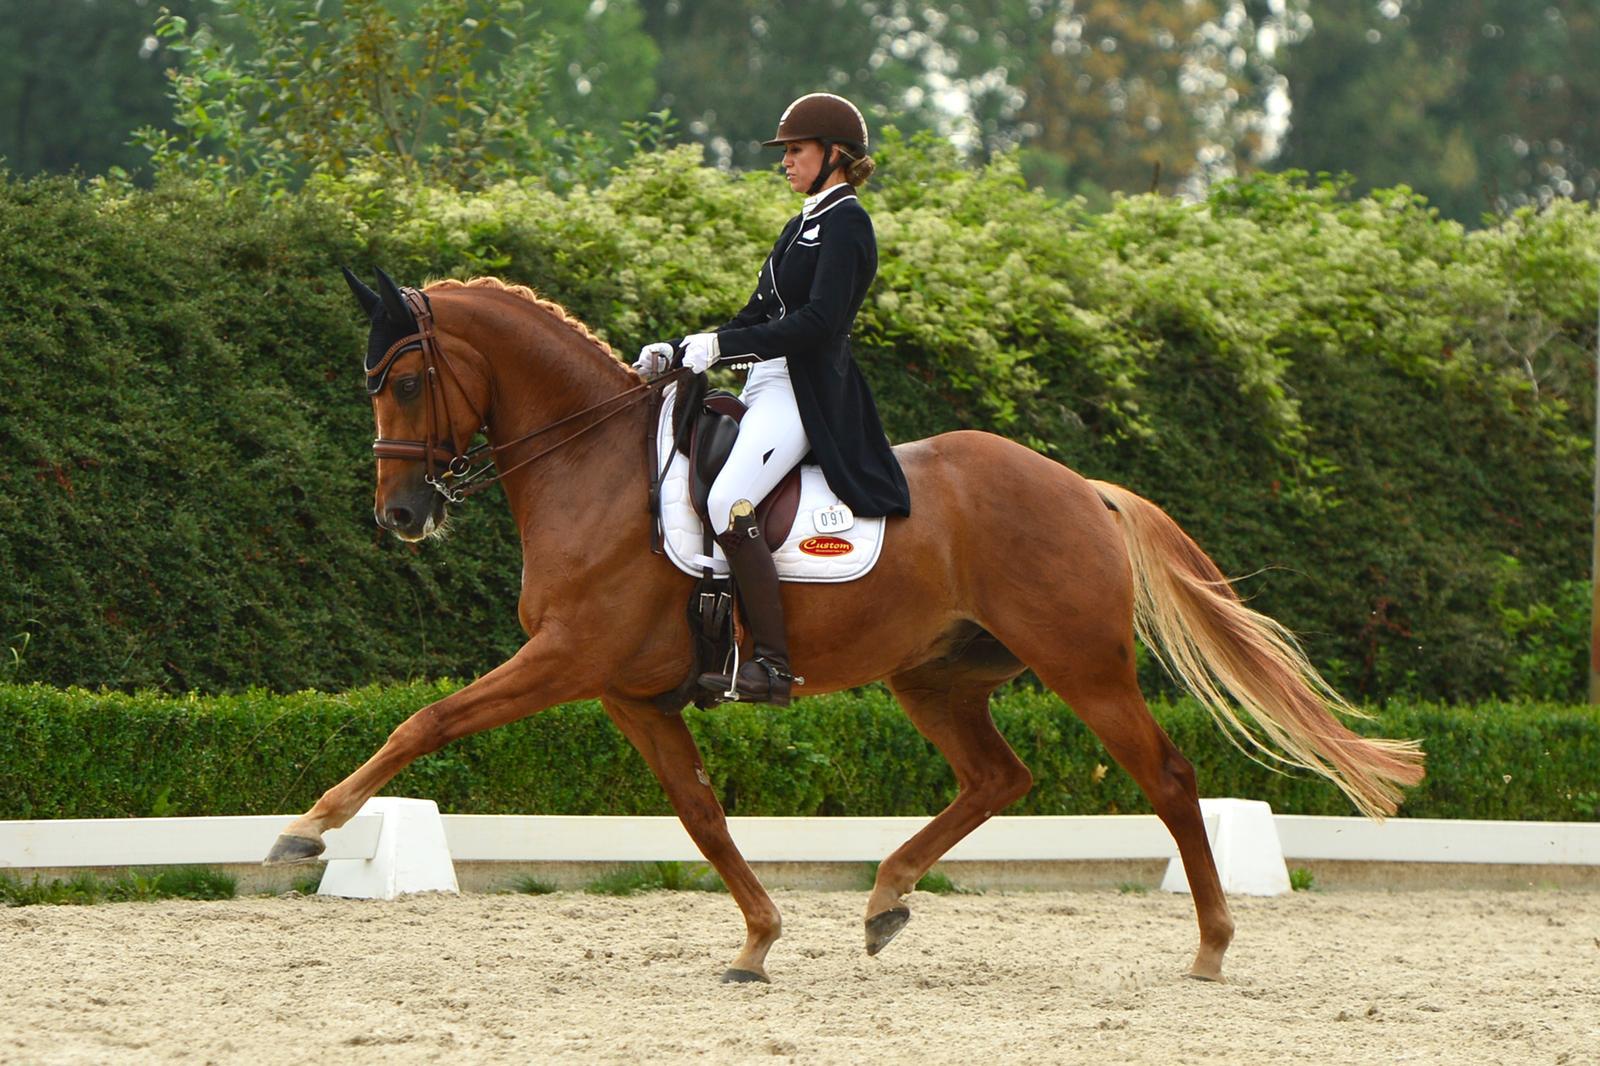 Engie Kwakkel naar dik 75%: 'Echt elke pas was van mij' - Horses.nl - Horses.nl